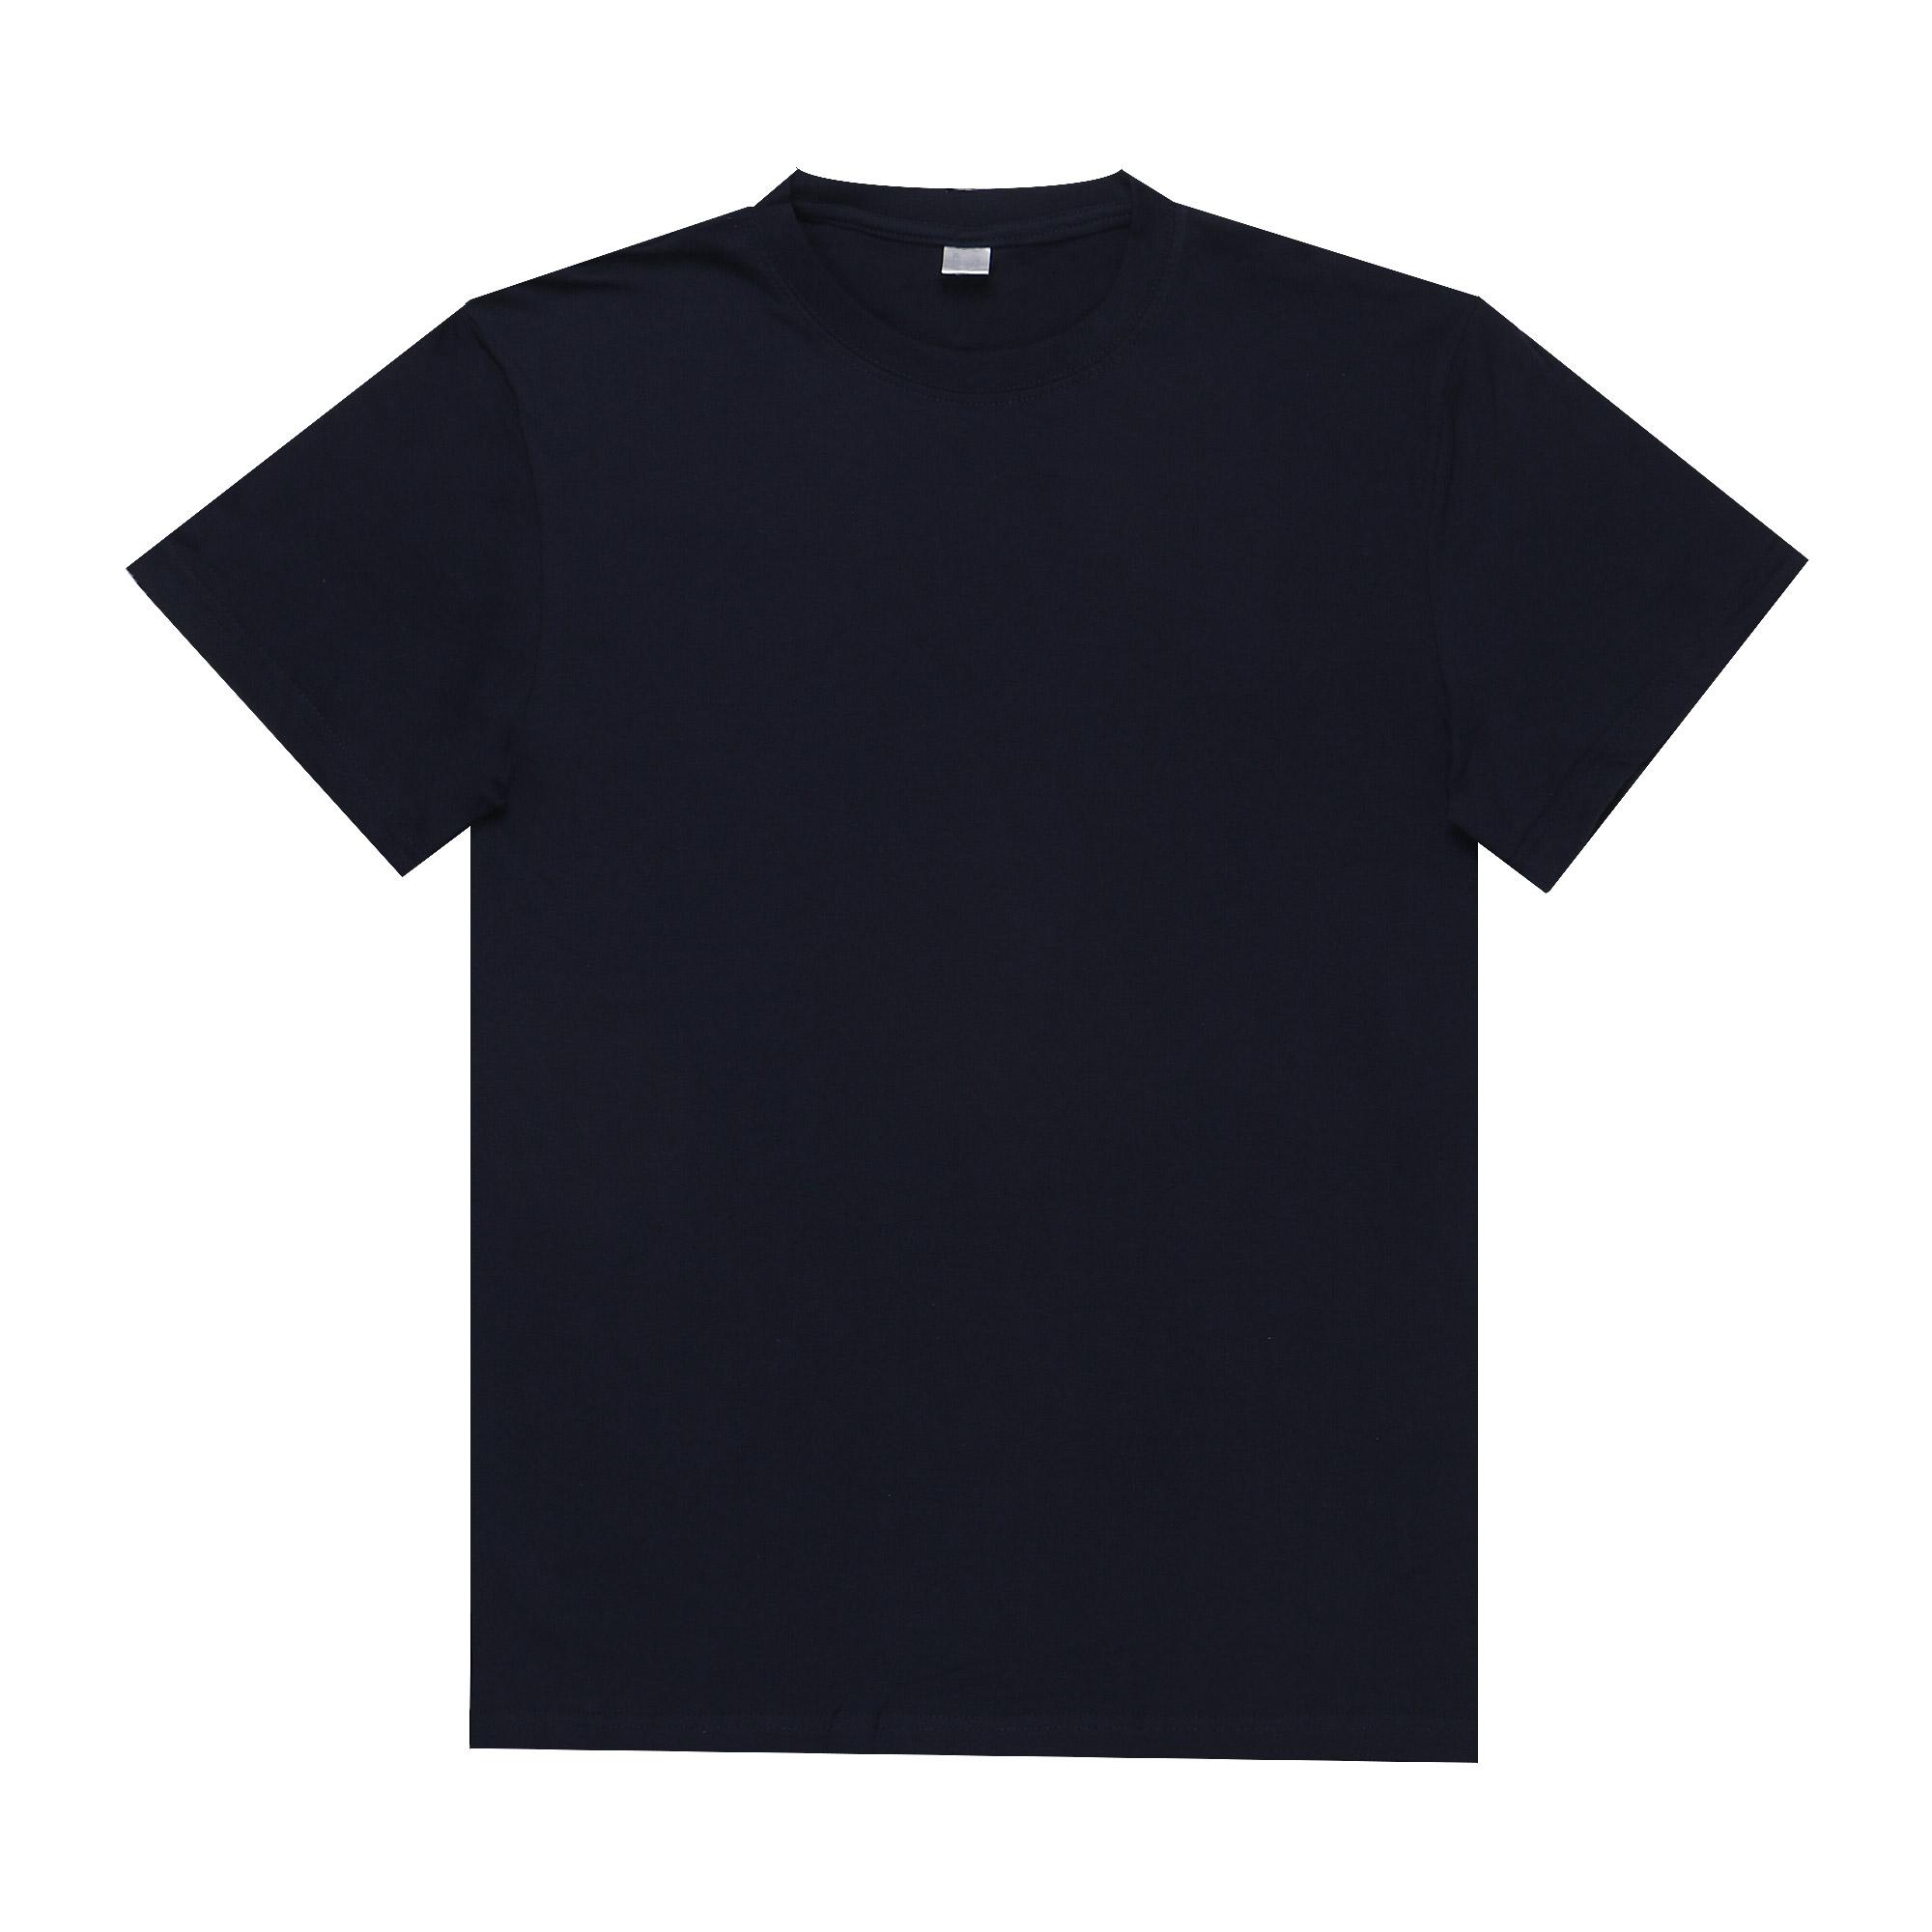 Футболка мужская M-1 Promo темно-синяя с коротким рукавом XXL